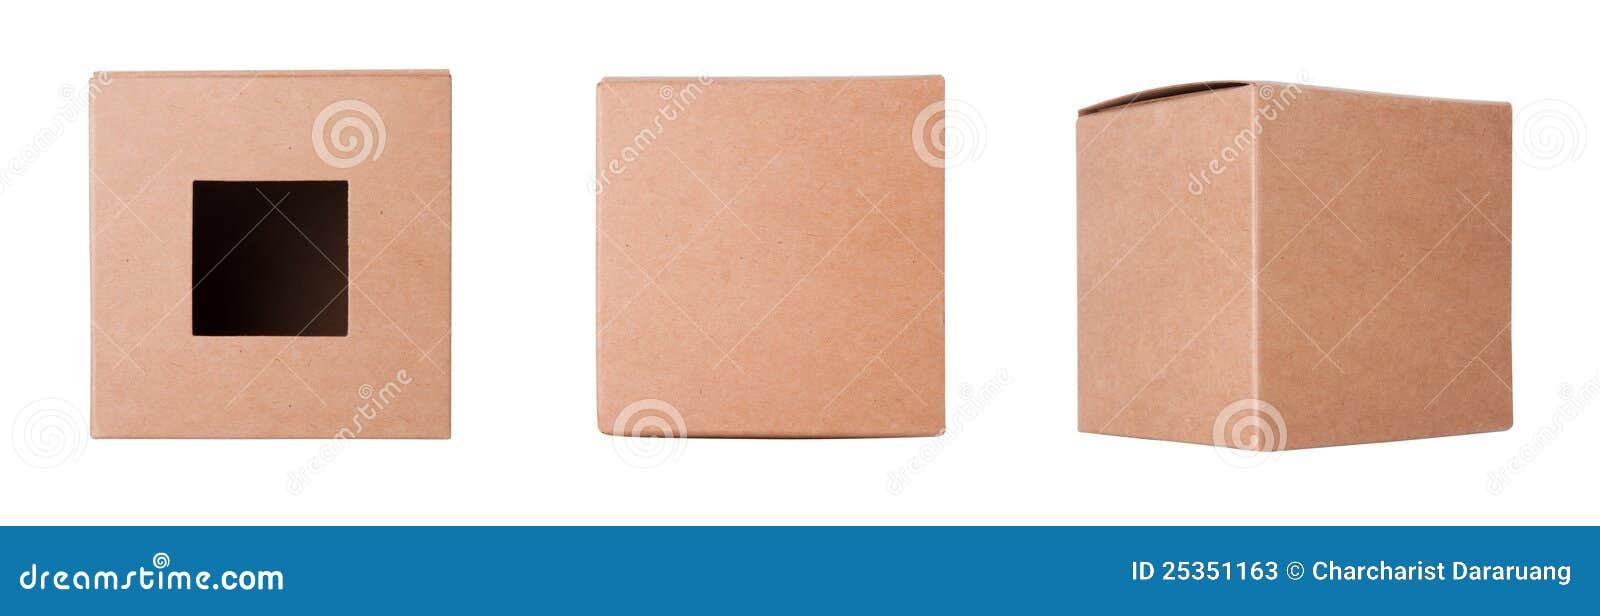 Placez la boîte en carton